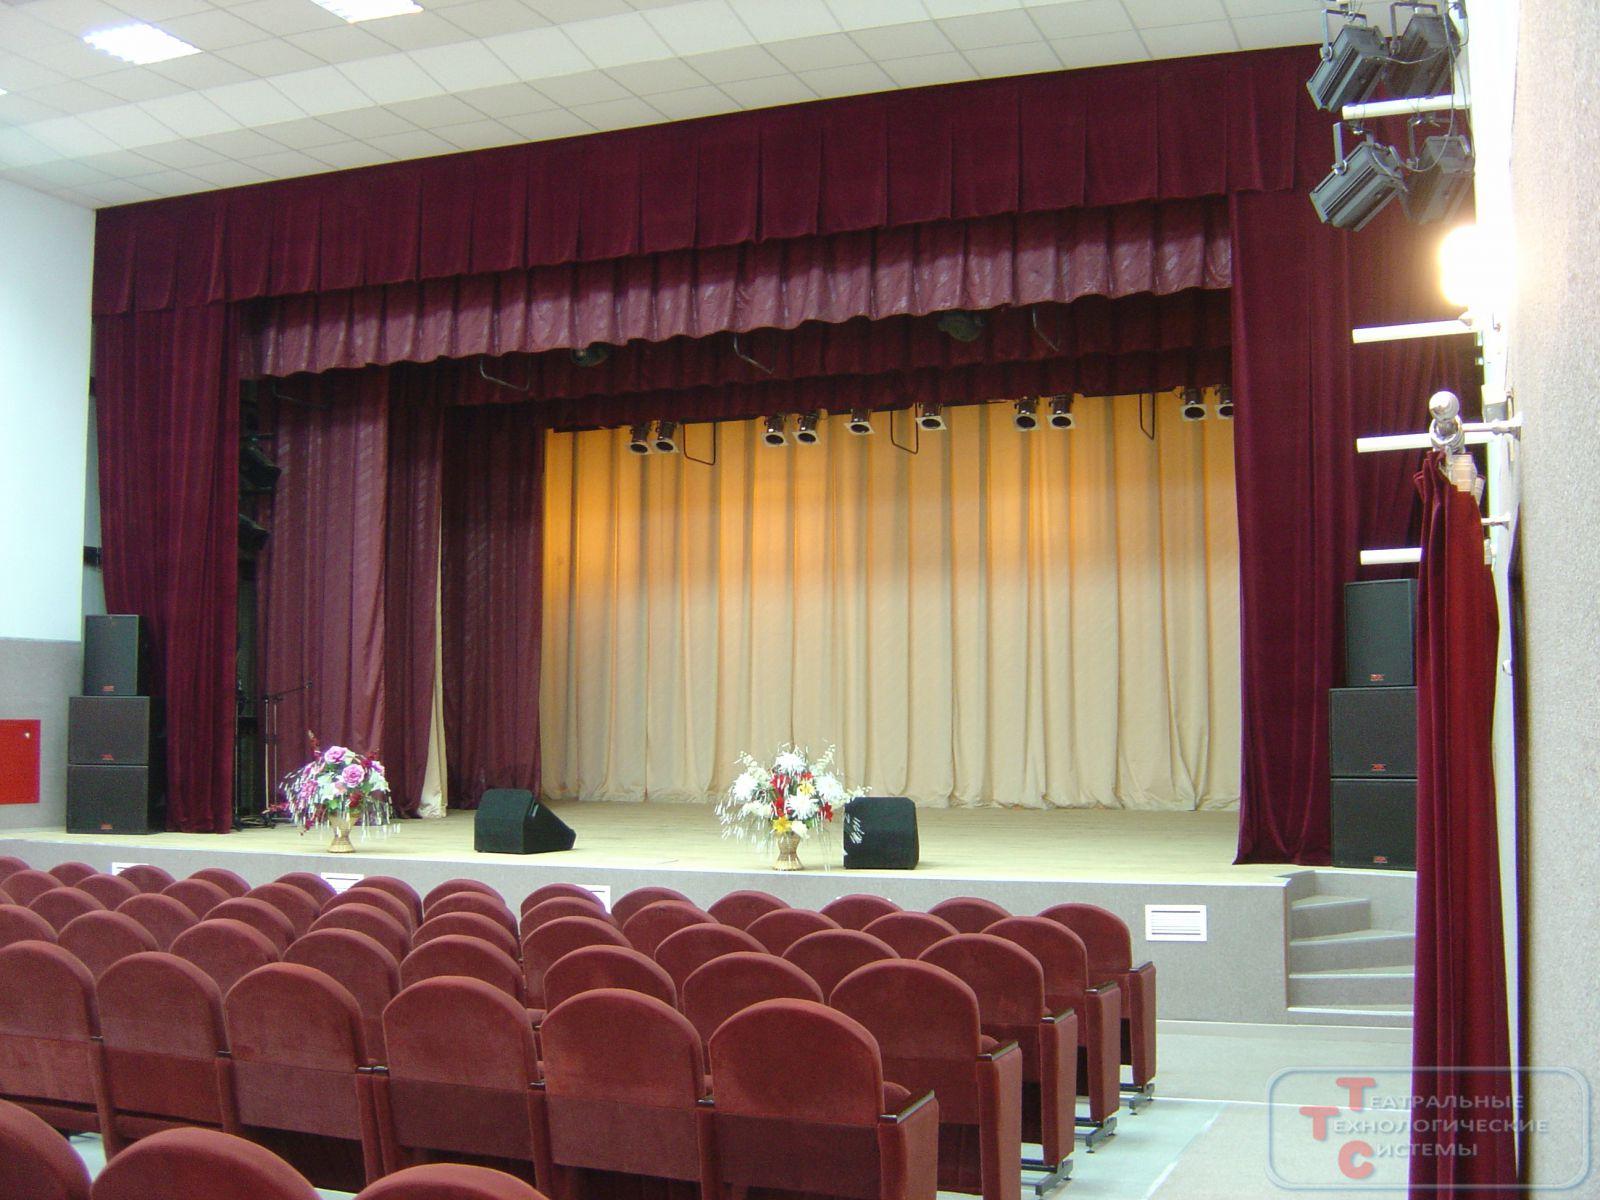 покрытие сцен в актовом зале схема